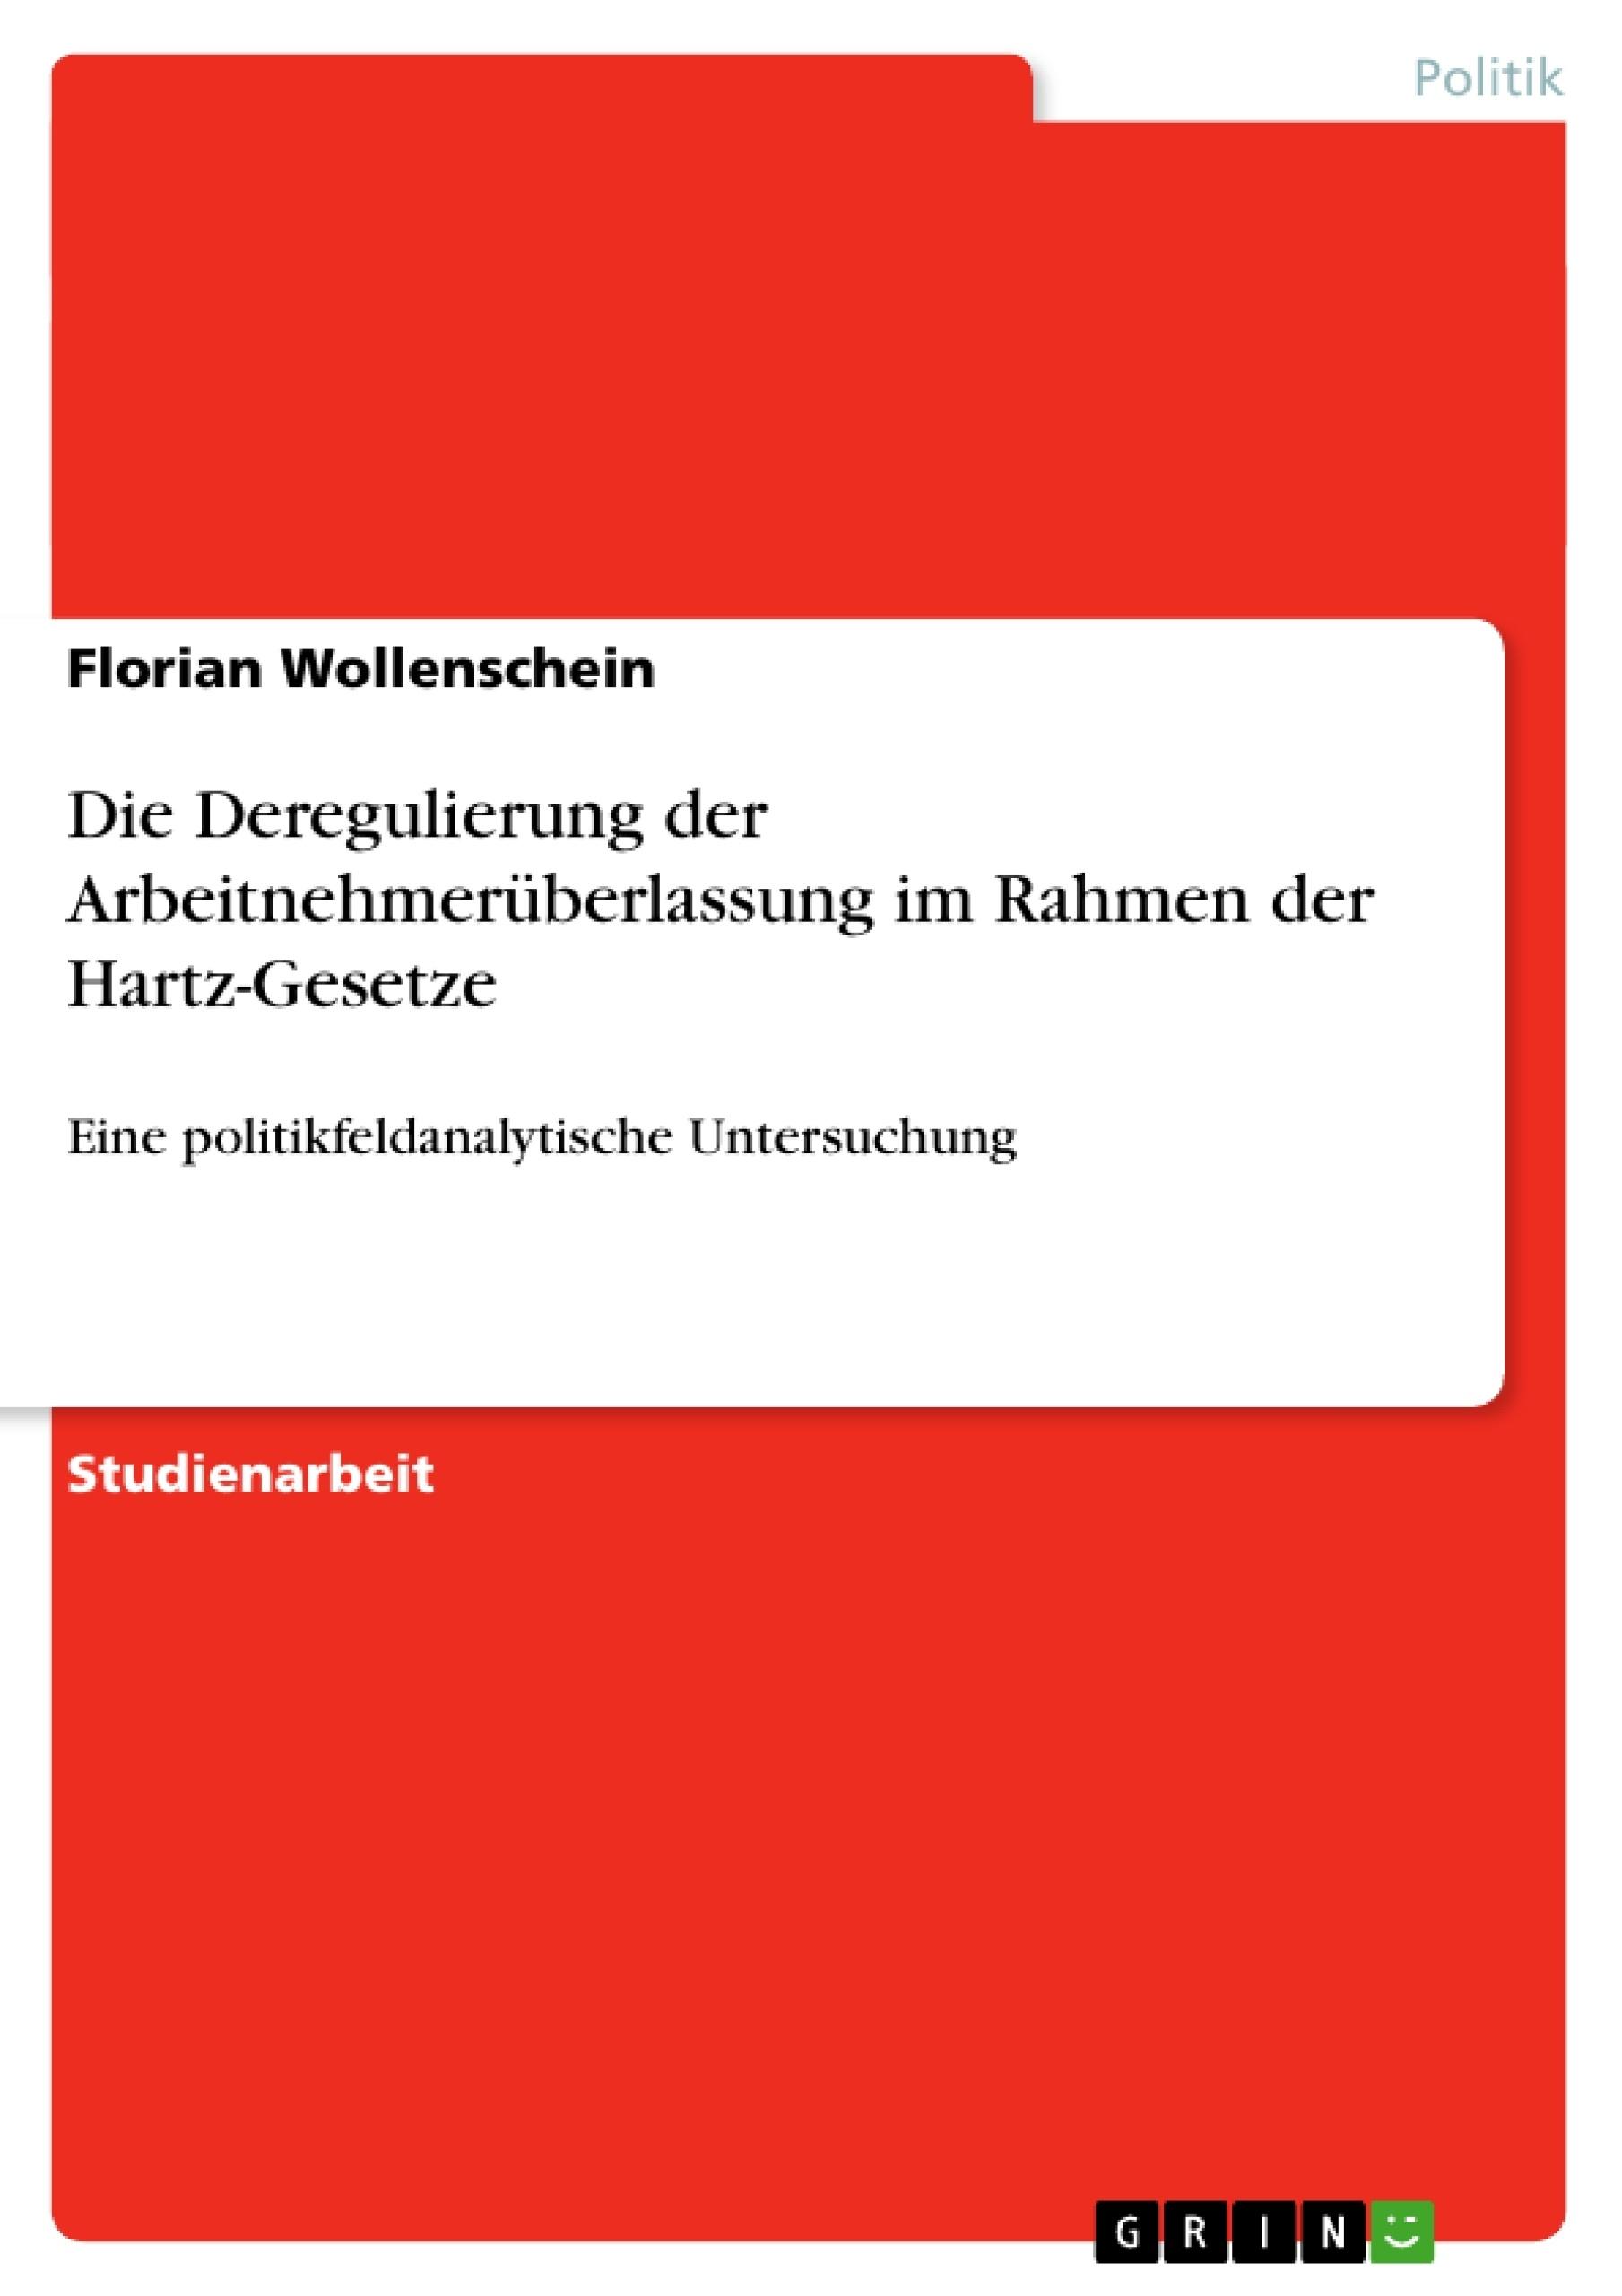 Titel: Die Deregulierung der Arbeitnehmerüberlassung im Rahmen der Hartz-Gesetze